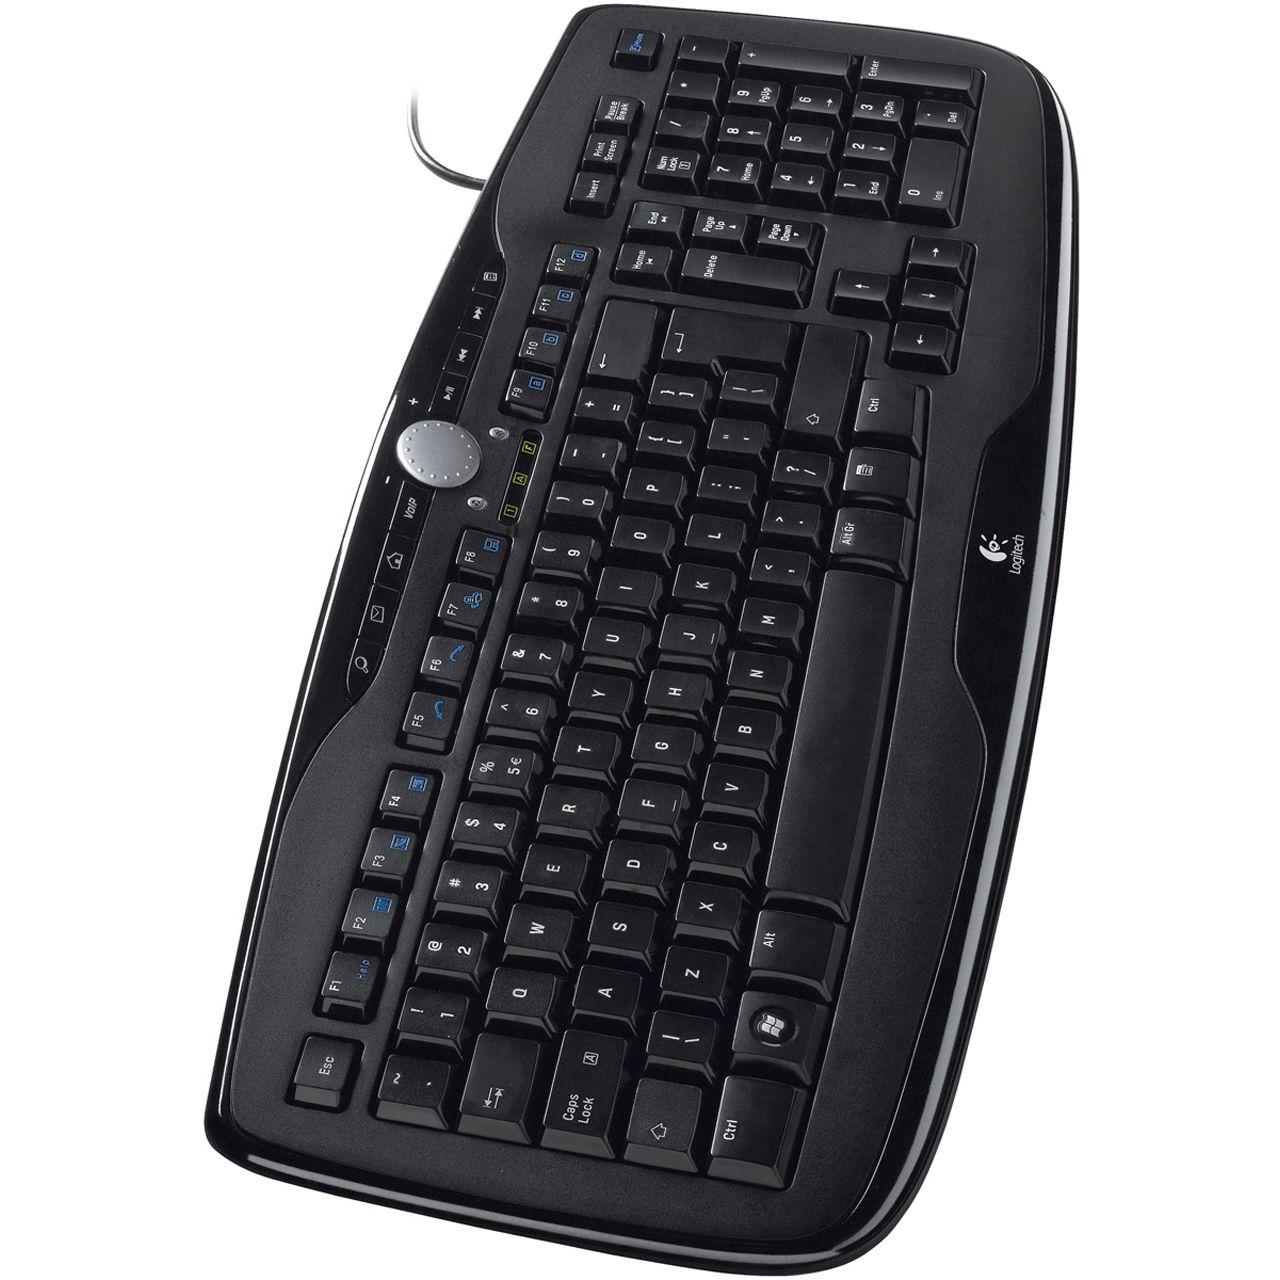 logitech 600 media tastatur schwarz deutsch usb tastaturen kabelgebunden. Black Bedroom Furniture Sets. Home Design Ideas